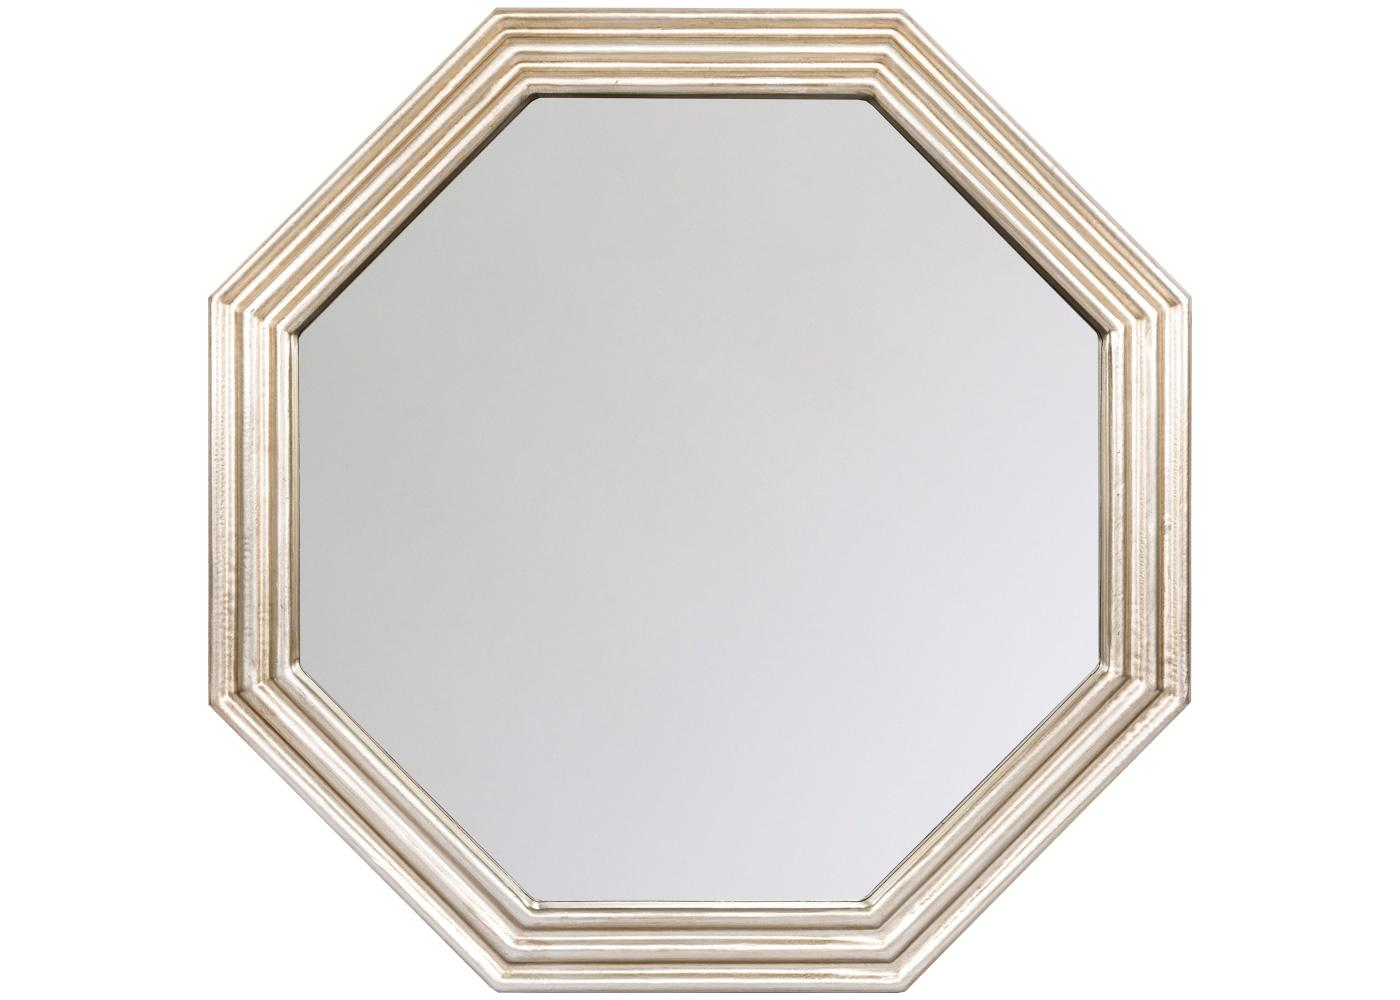 Настенное зеркало «Академи»Настенные зеркала<br>Зеркало &amp;quot;Академи&amp;quot; располагает интерьер к объему и свету. Этому способствуют мягкий платиновый цвет оправы, ступенчатые грани и широкая фацетная грань, награждающая отражения эффектом глубины. Удобный размер и гармоничная форма разместят это зеркало в любом из домашних помещений. Особые рекомендации - ванной комнате и спальне, где золотистая оправа роскошно сочетается со шкатулками, парфюмерными и косметическими флаконами.<br><br>Material: Полиуретан<br>Ширина см: 76.5<br>Высота см: 76.5<br>Глубина см: 4.0